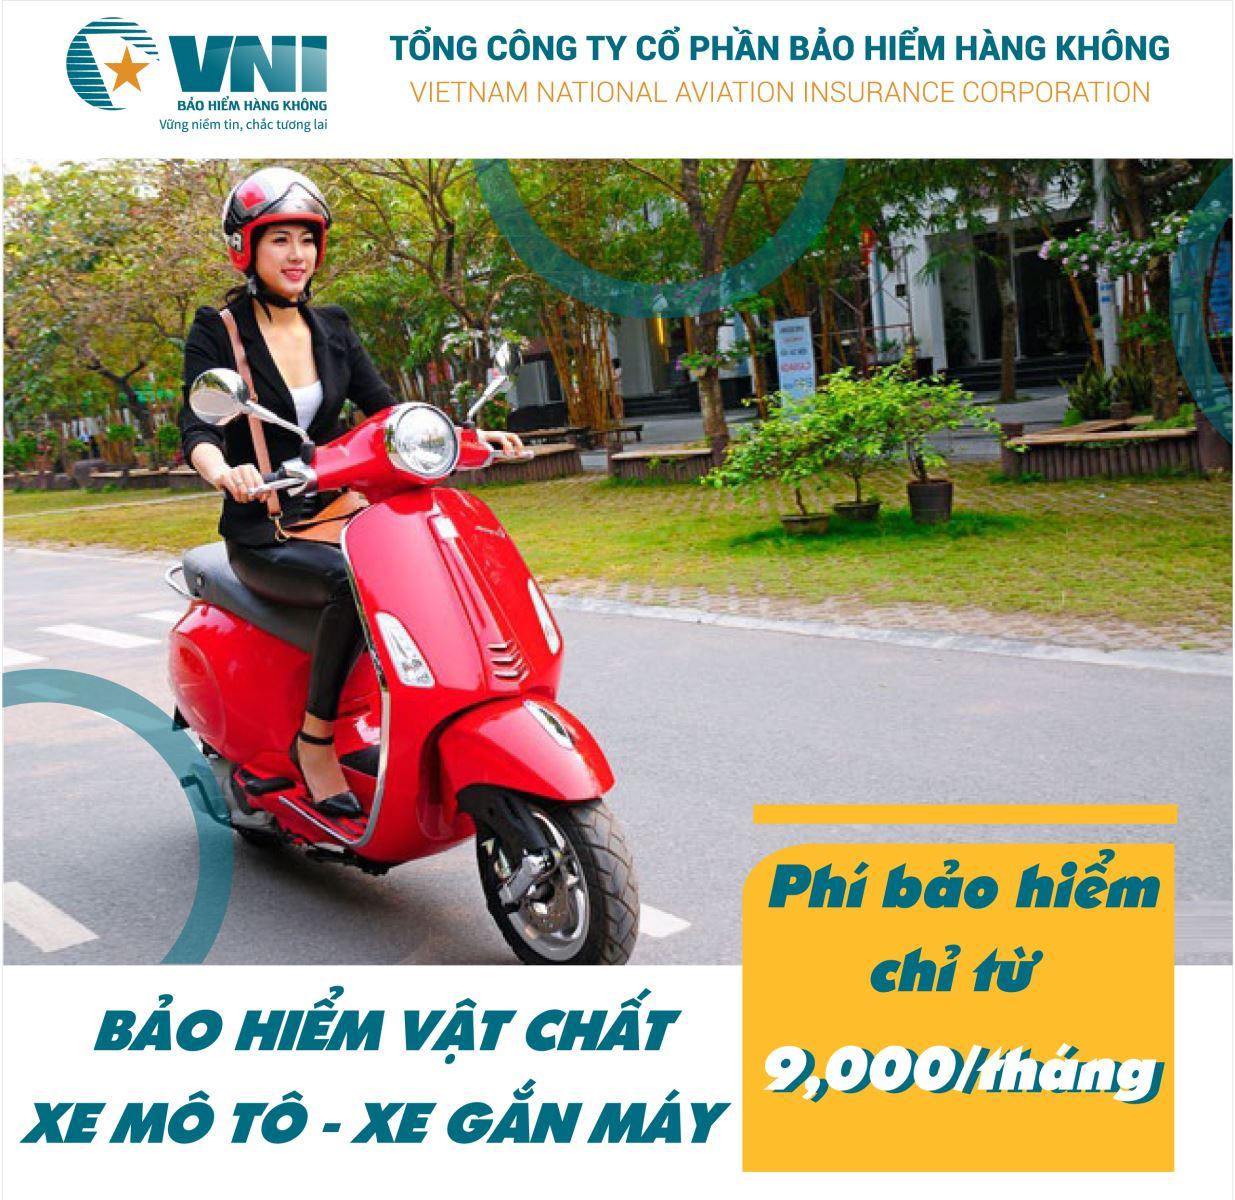 Bảo hiểm vật chất xe máy – VNI đồng hành cùng bạn trên mọi nẻo đường